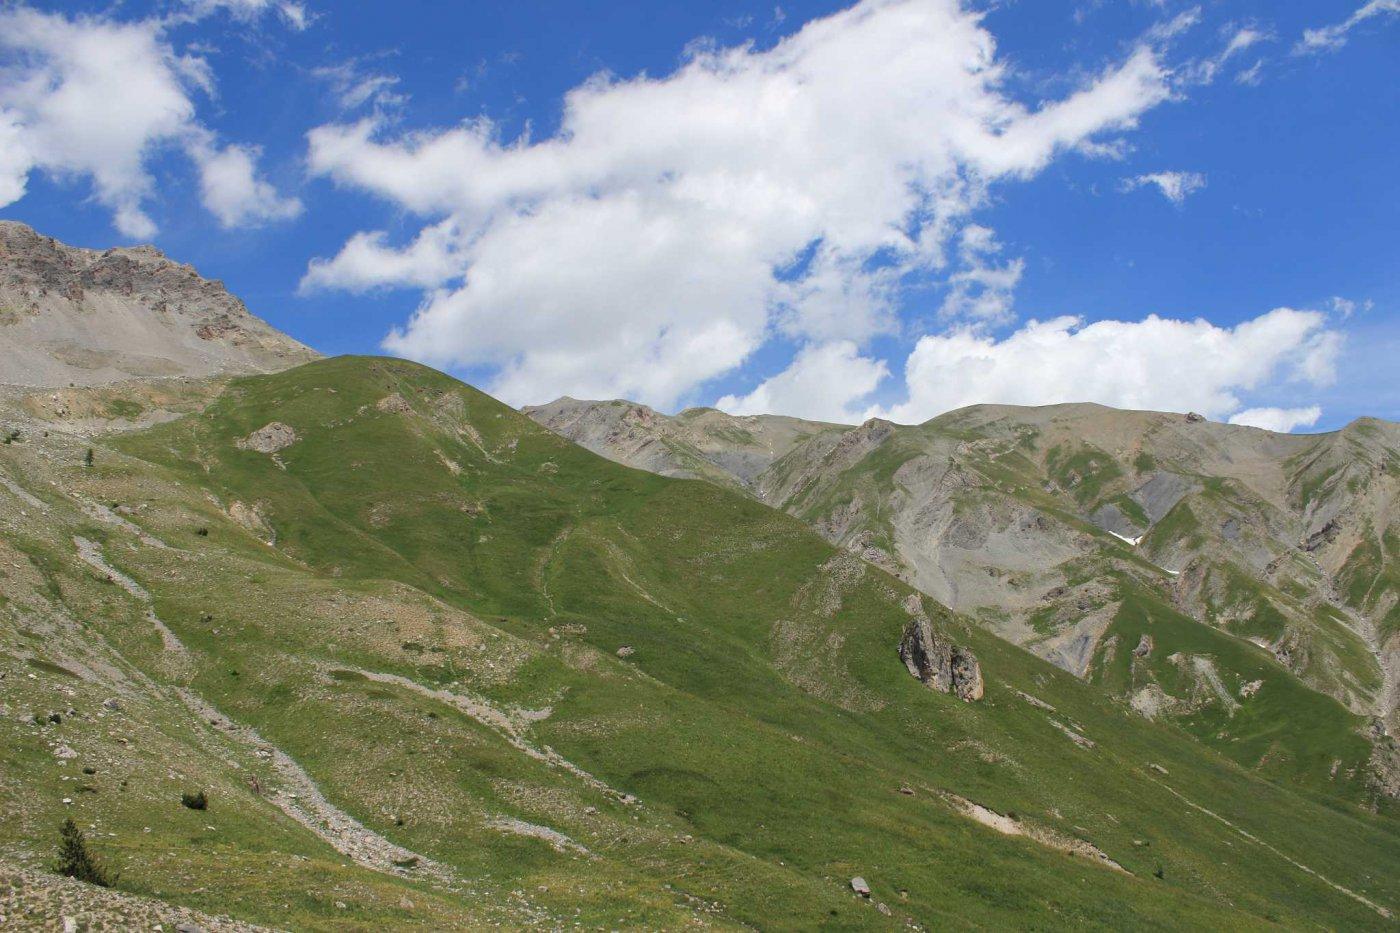 Più o meno al centro, il Giordano. A destra, itinerario verso la montagnetta, a sinistra itinerario per il colle di Servagno